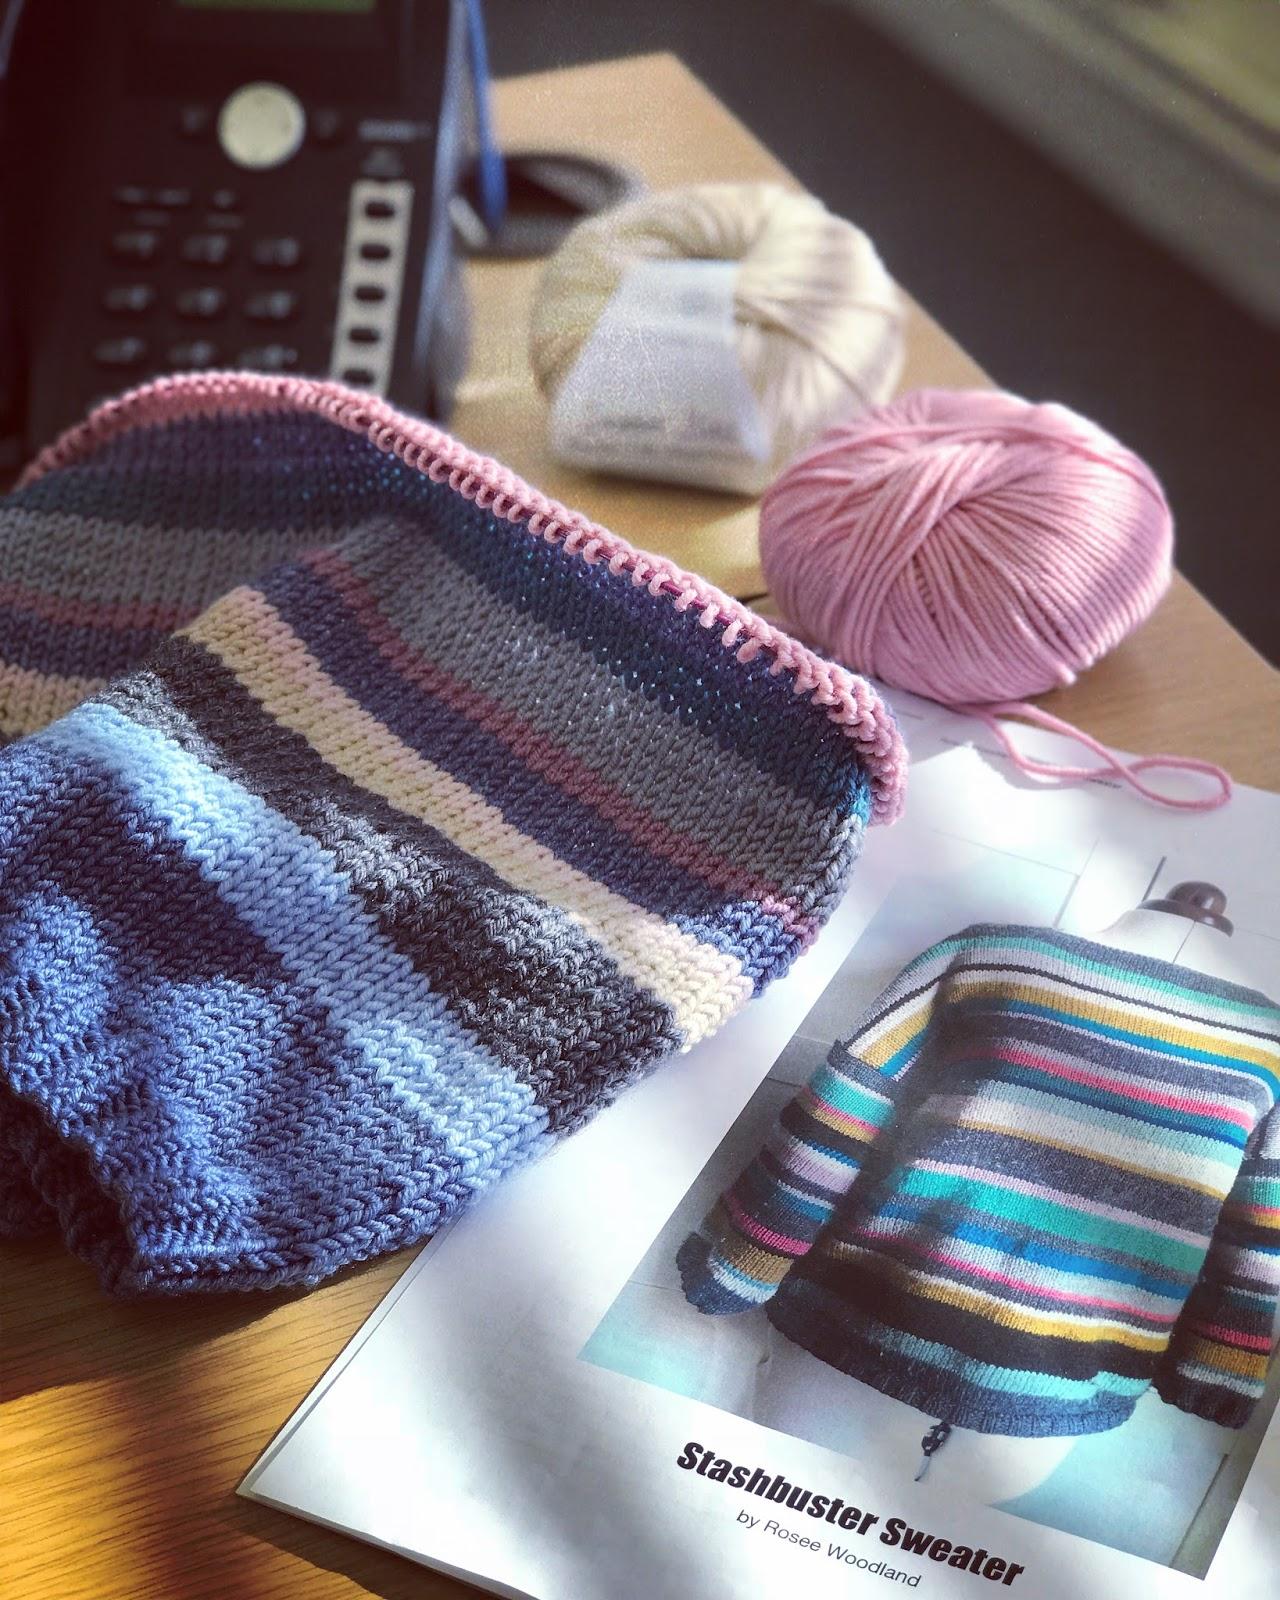 4a1e2ff5624ca Stashbuster Sweater